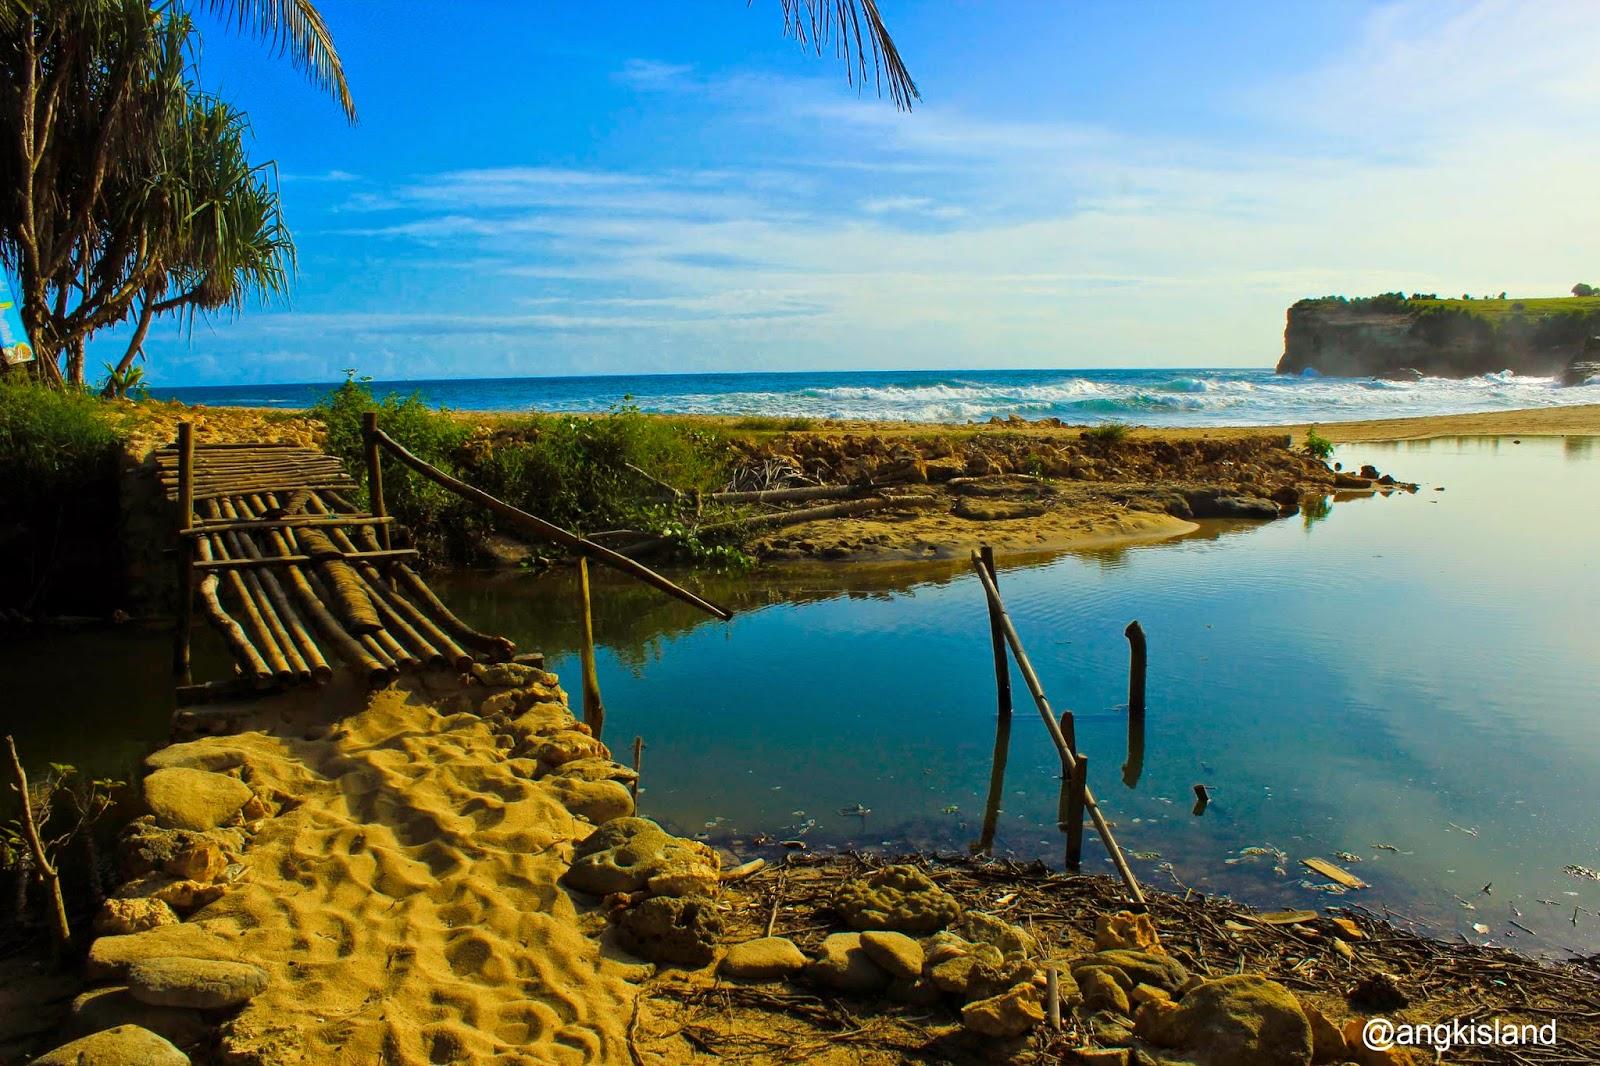 laguna pantai klayar